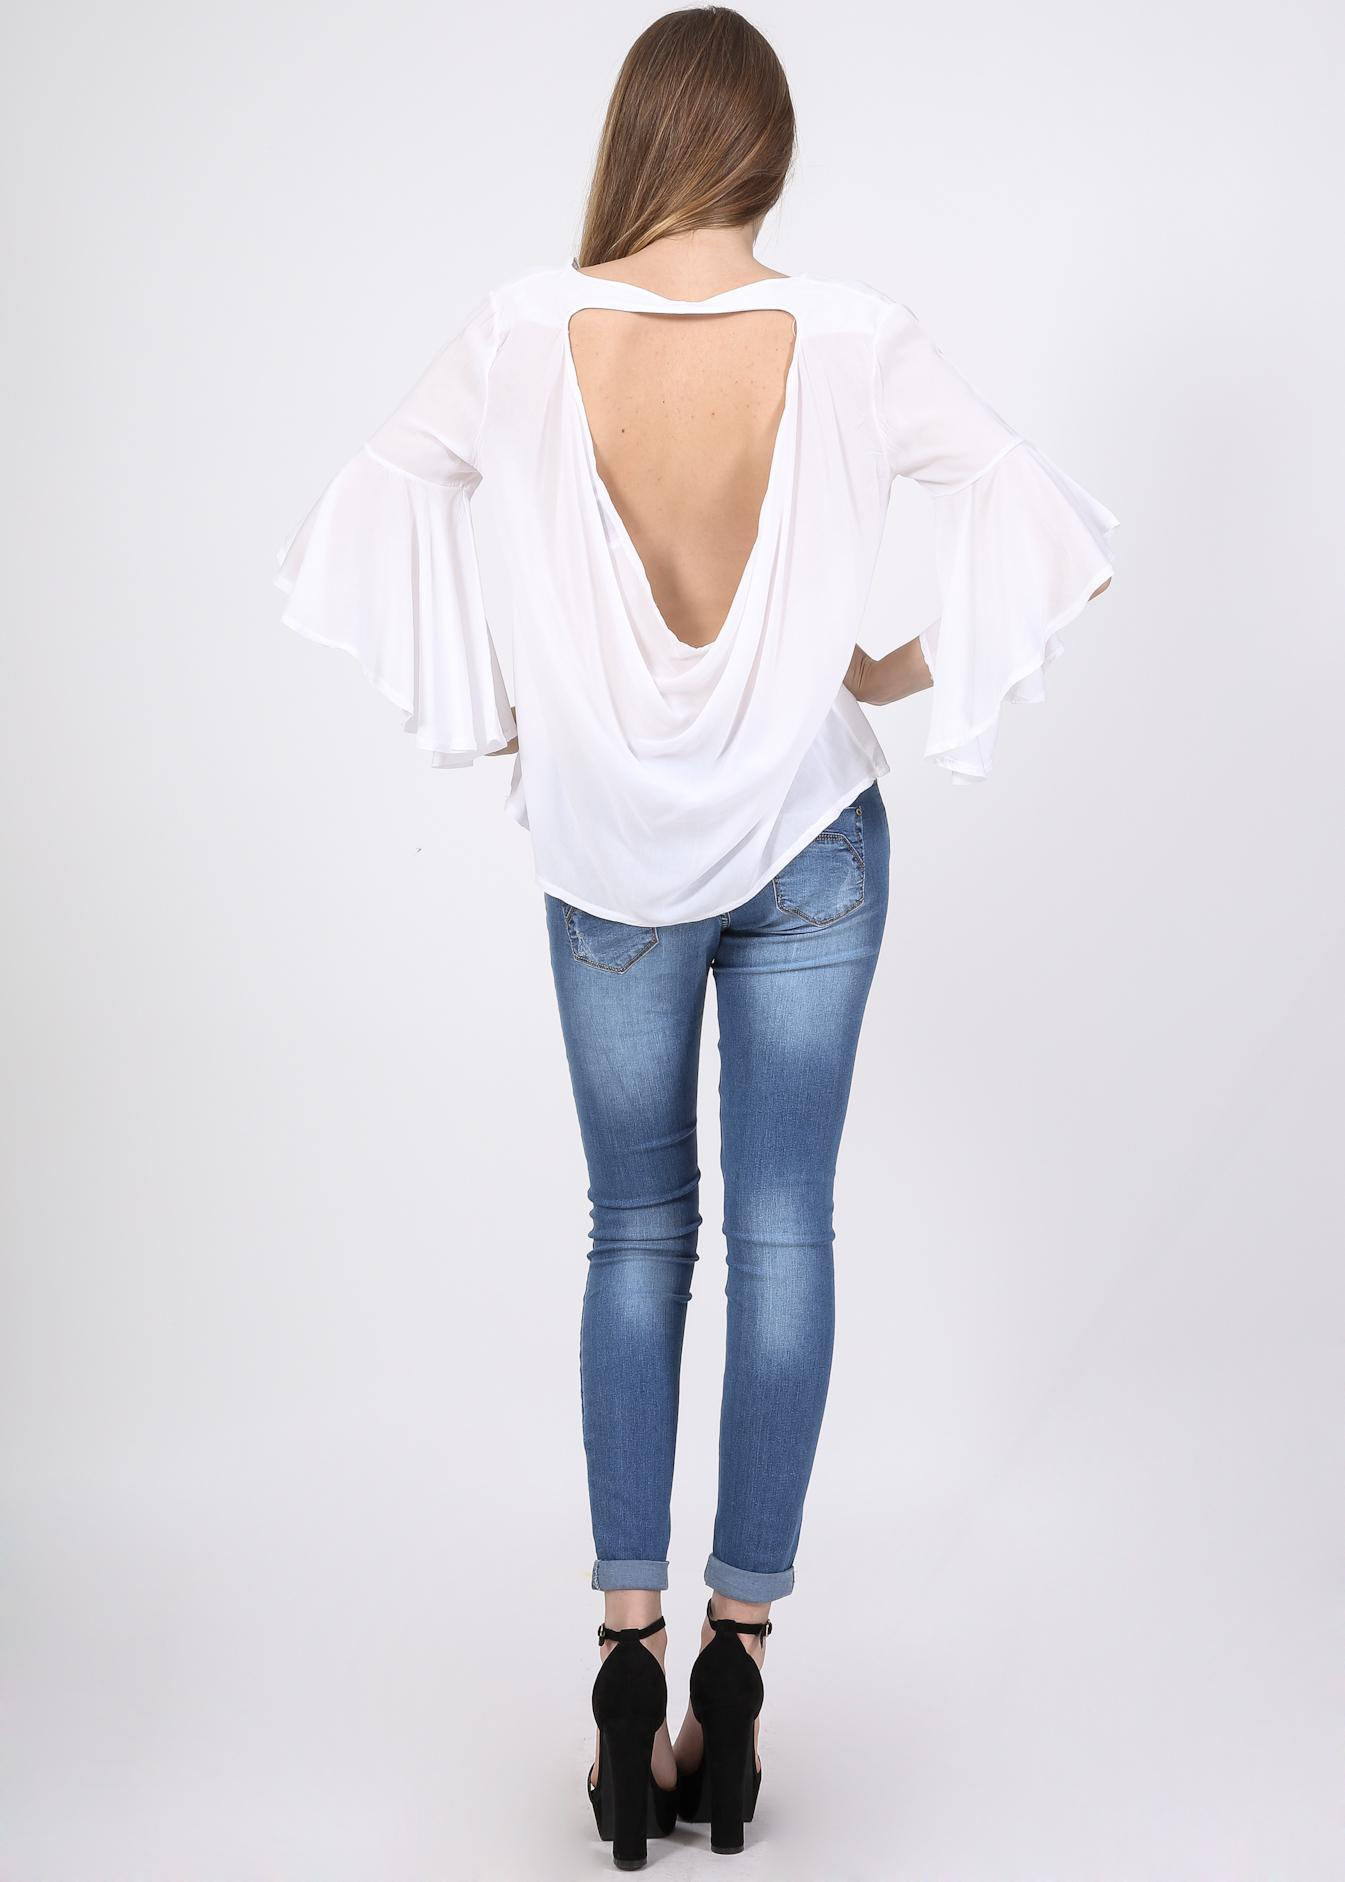 Chloe open back μπλούζα, λευκό ρούχα